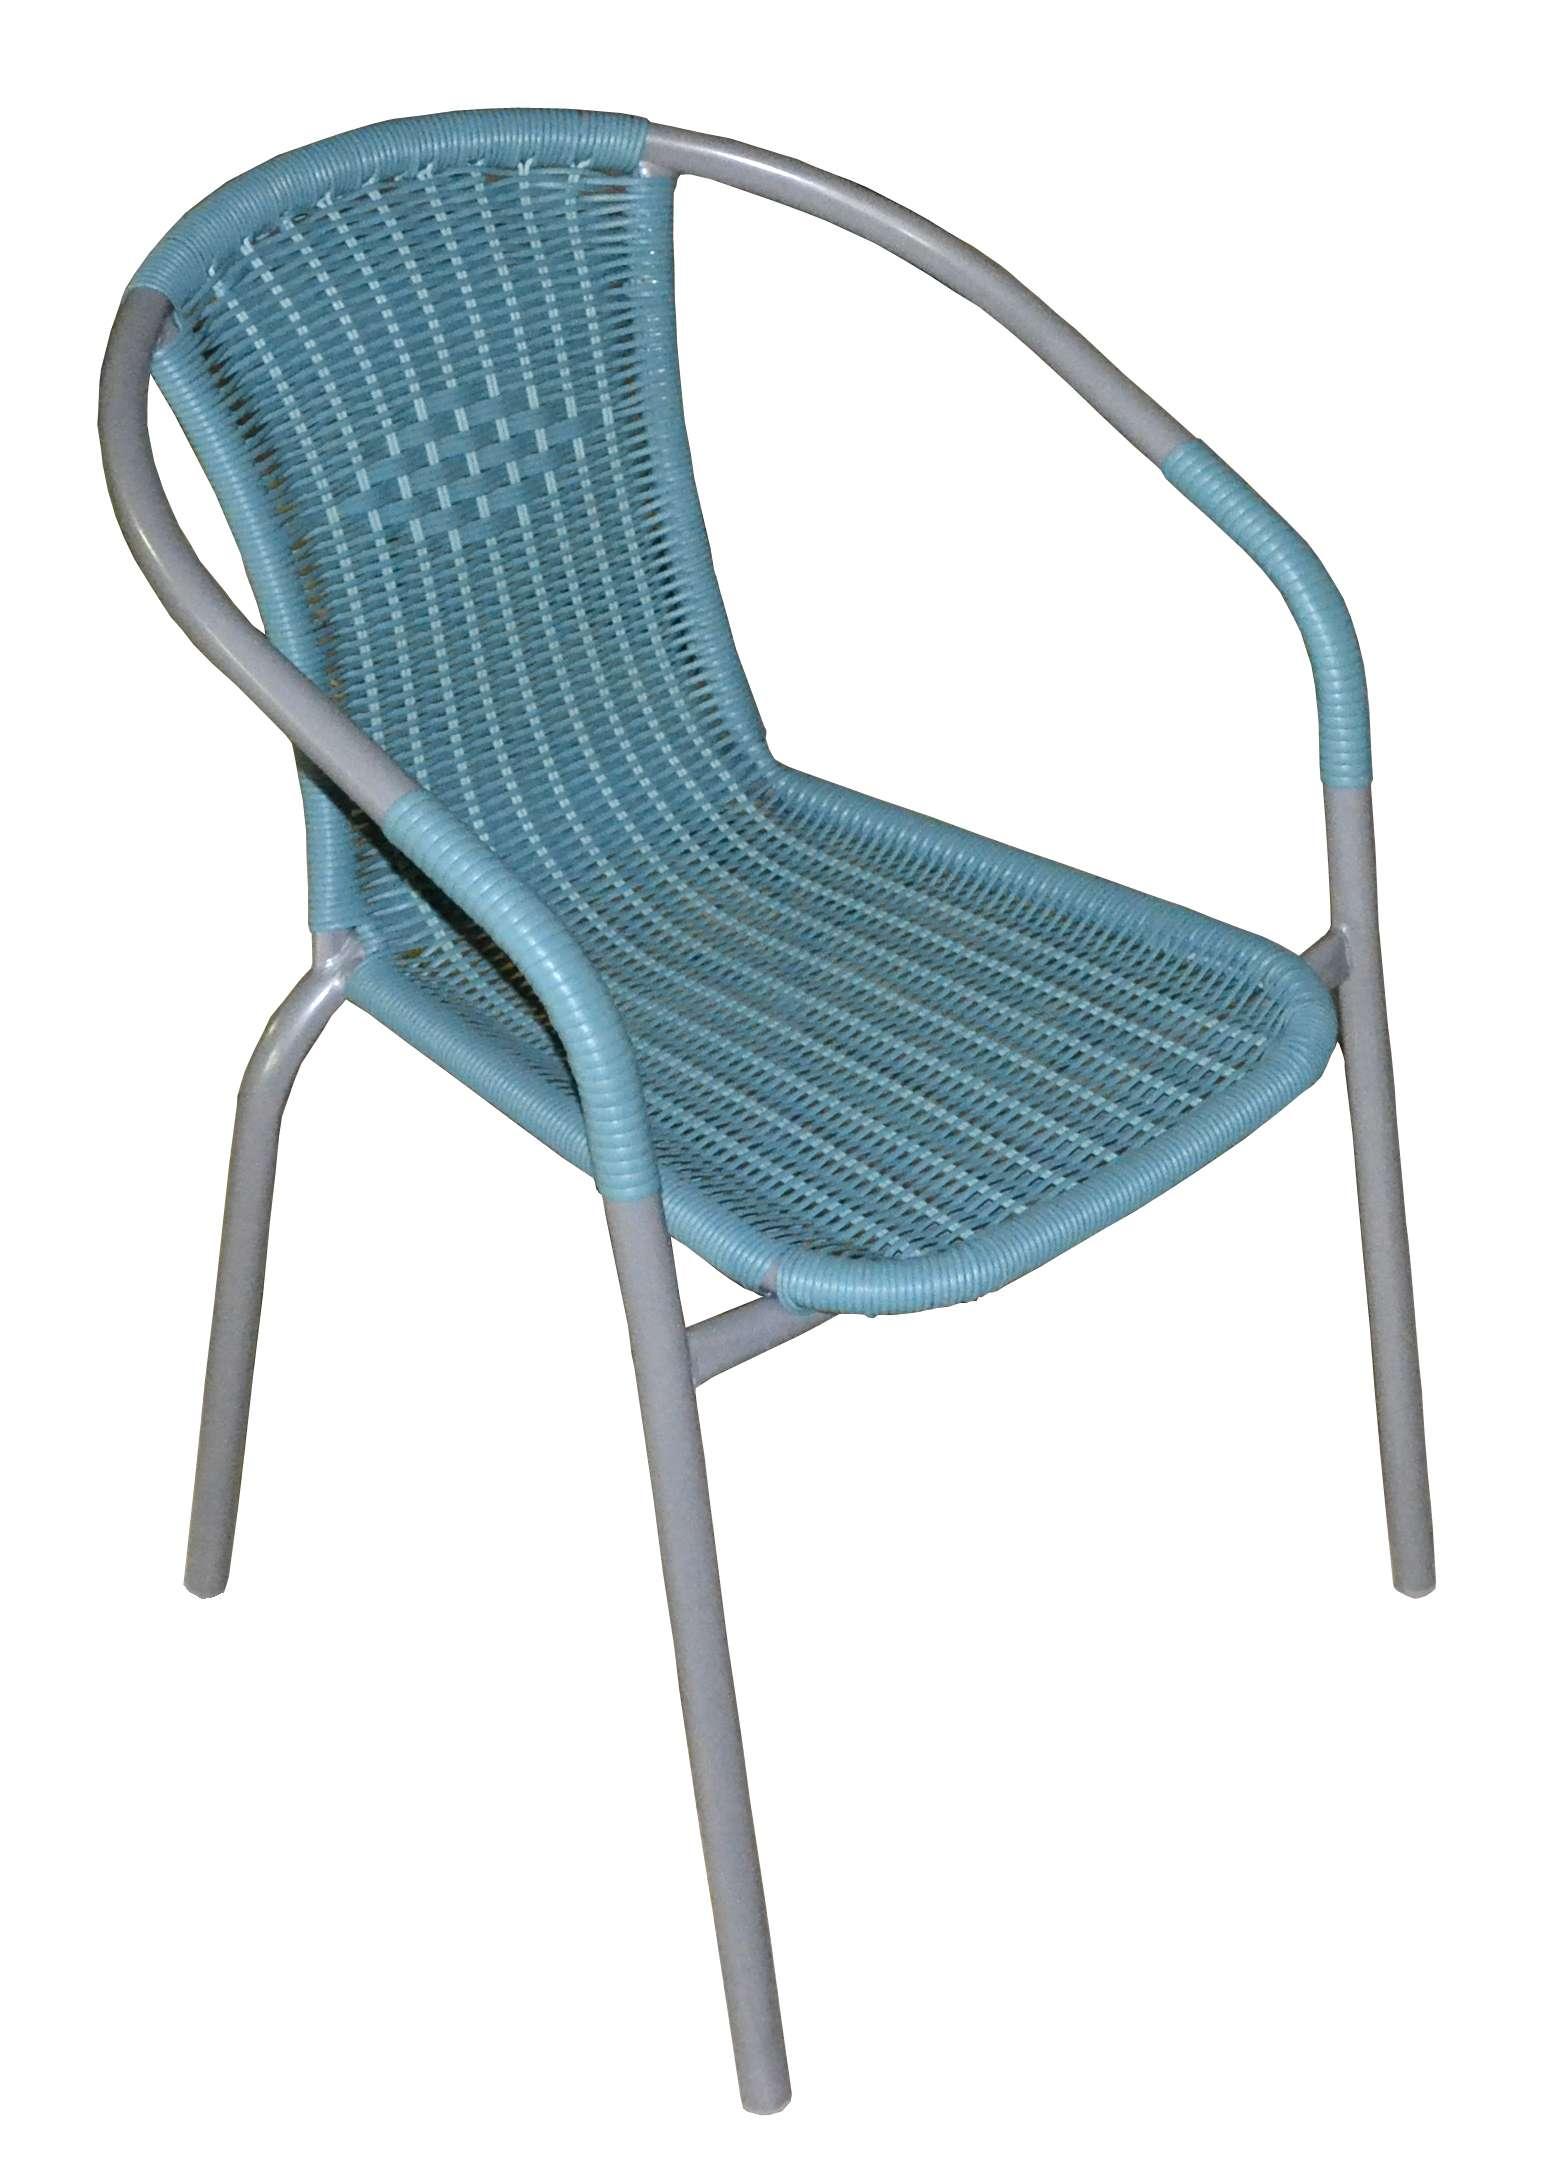 Sedia contract petrolio in ferro greenwood mobili da - Mobili da giardino in ferro ...